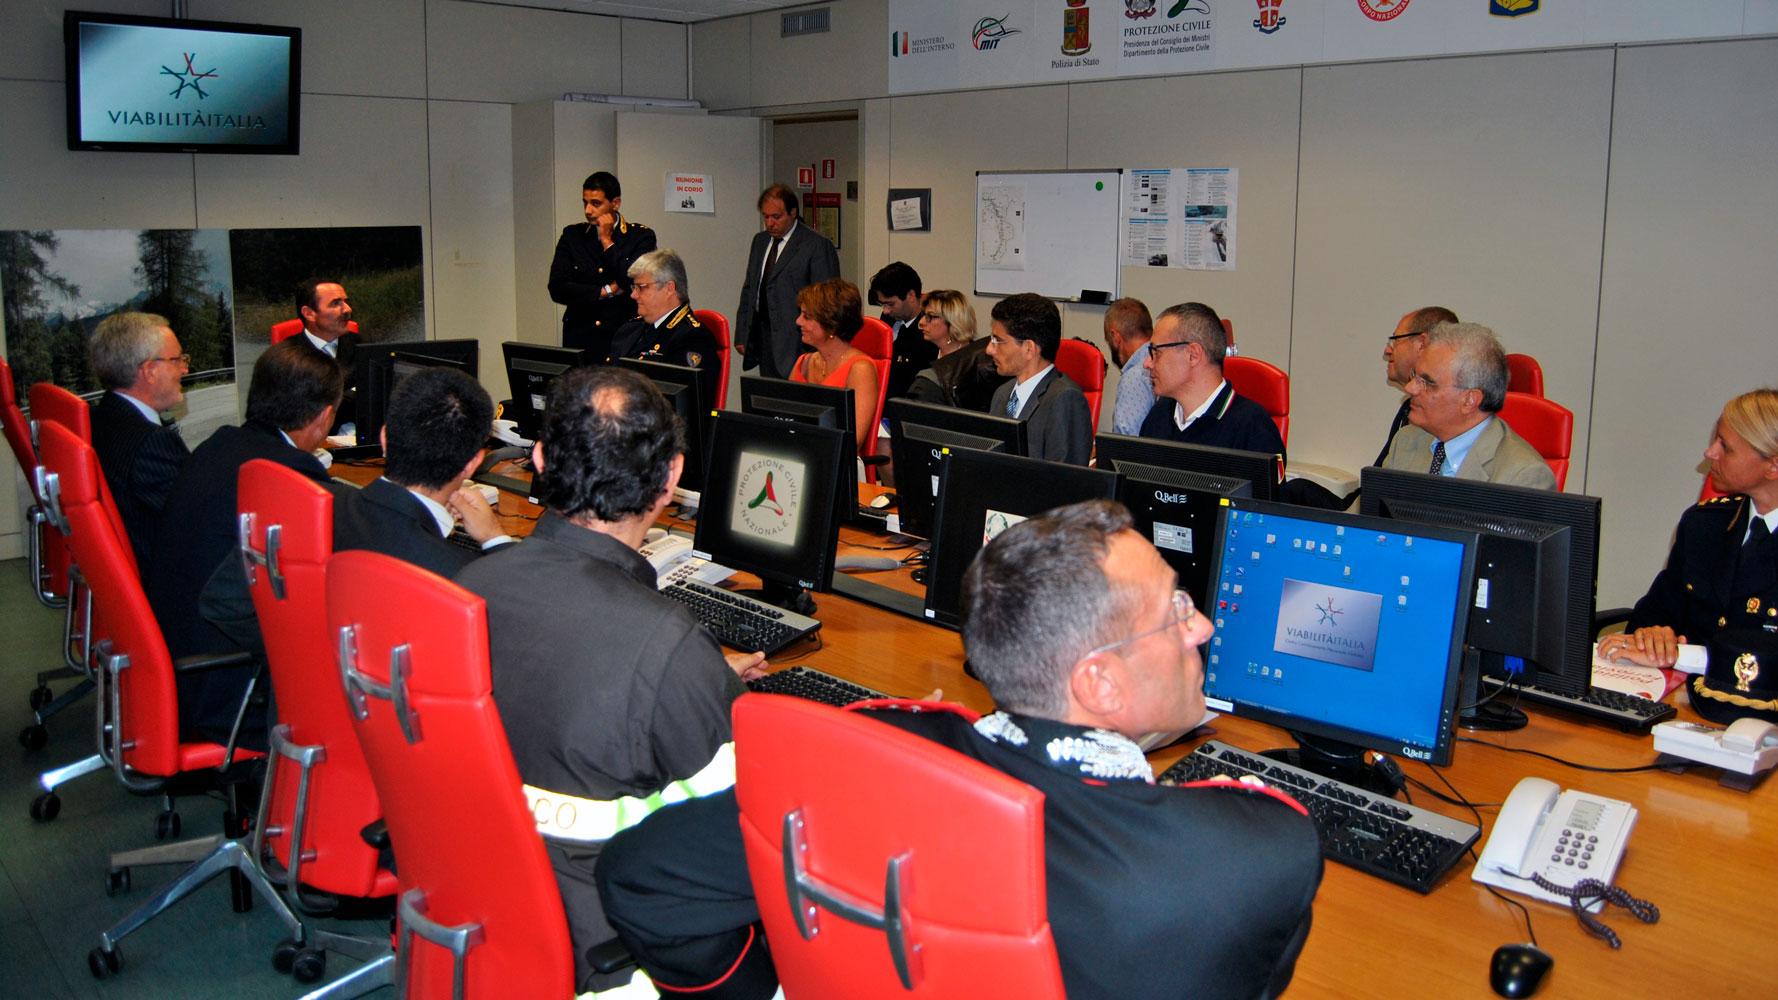 Il coordinamento di Viabilità Italia, presieduto dal direttore del servizio polizia Stradale